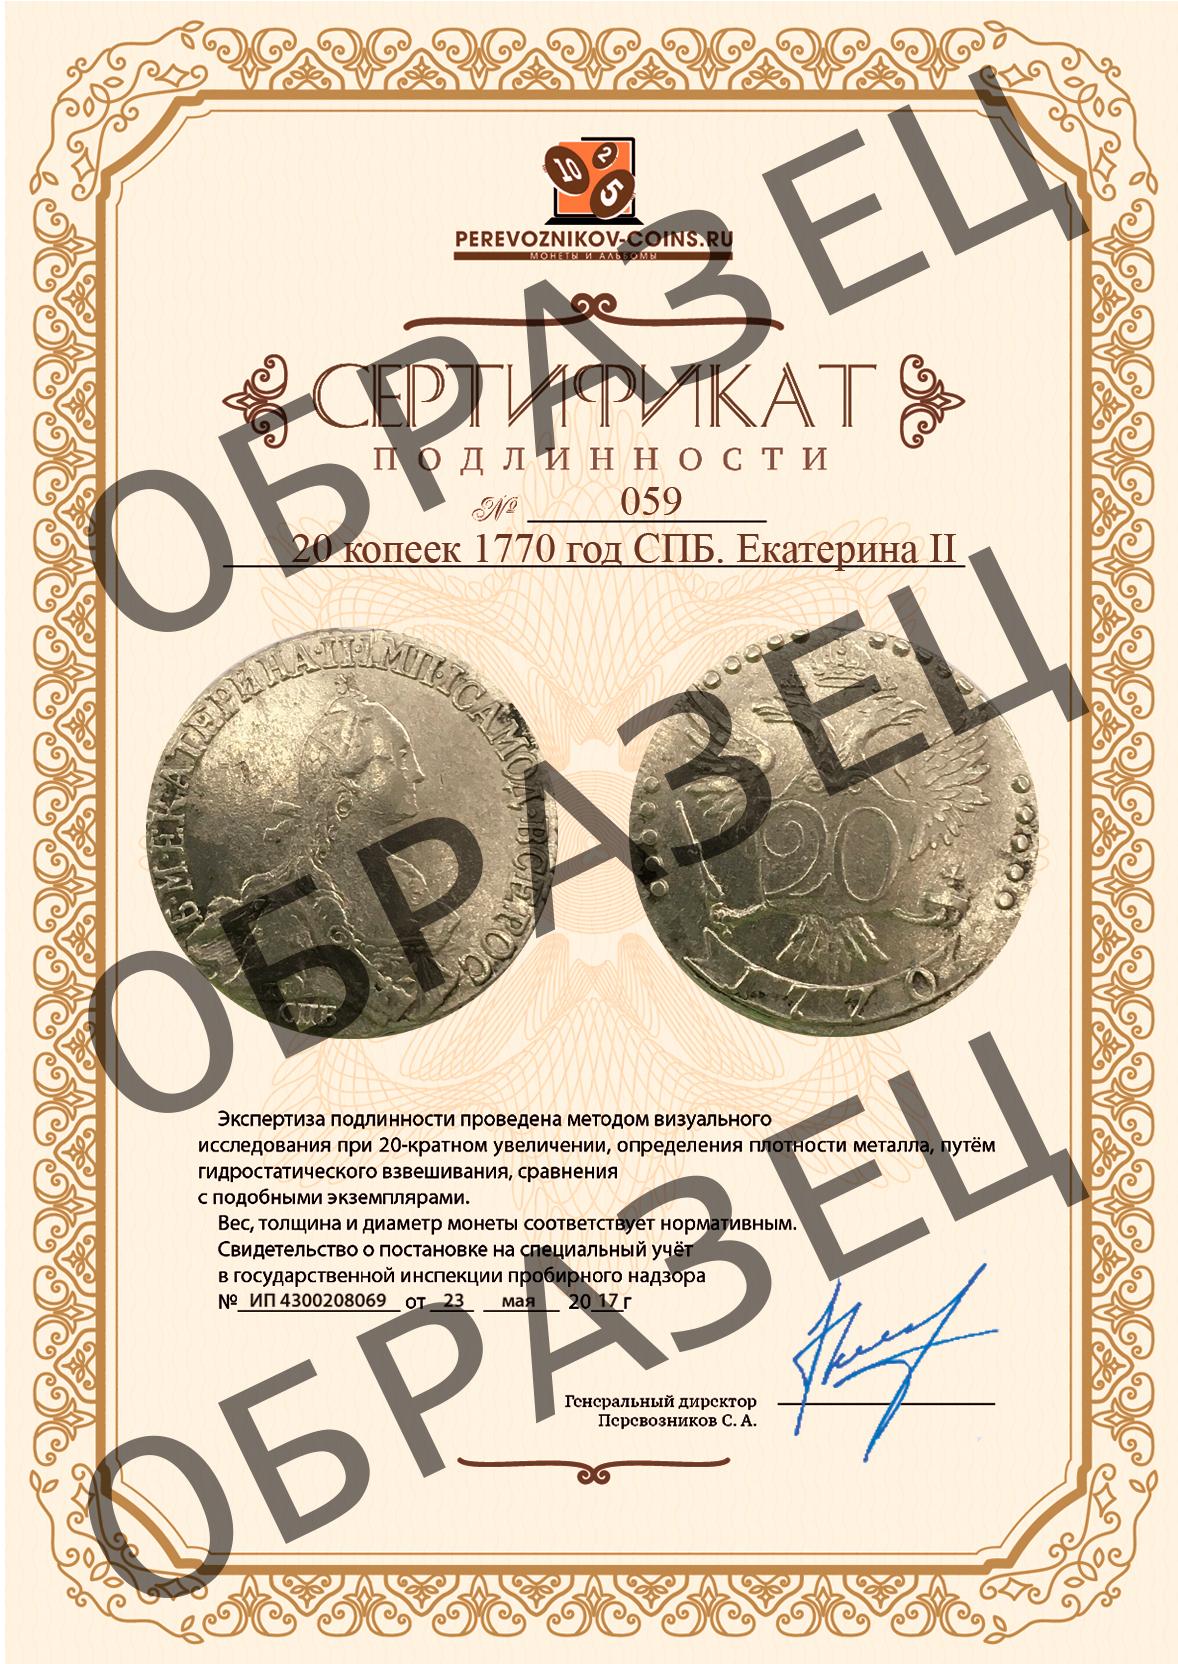 20 копеек 1770 год  СПБ. Екатерина II